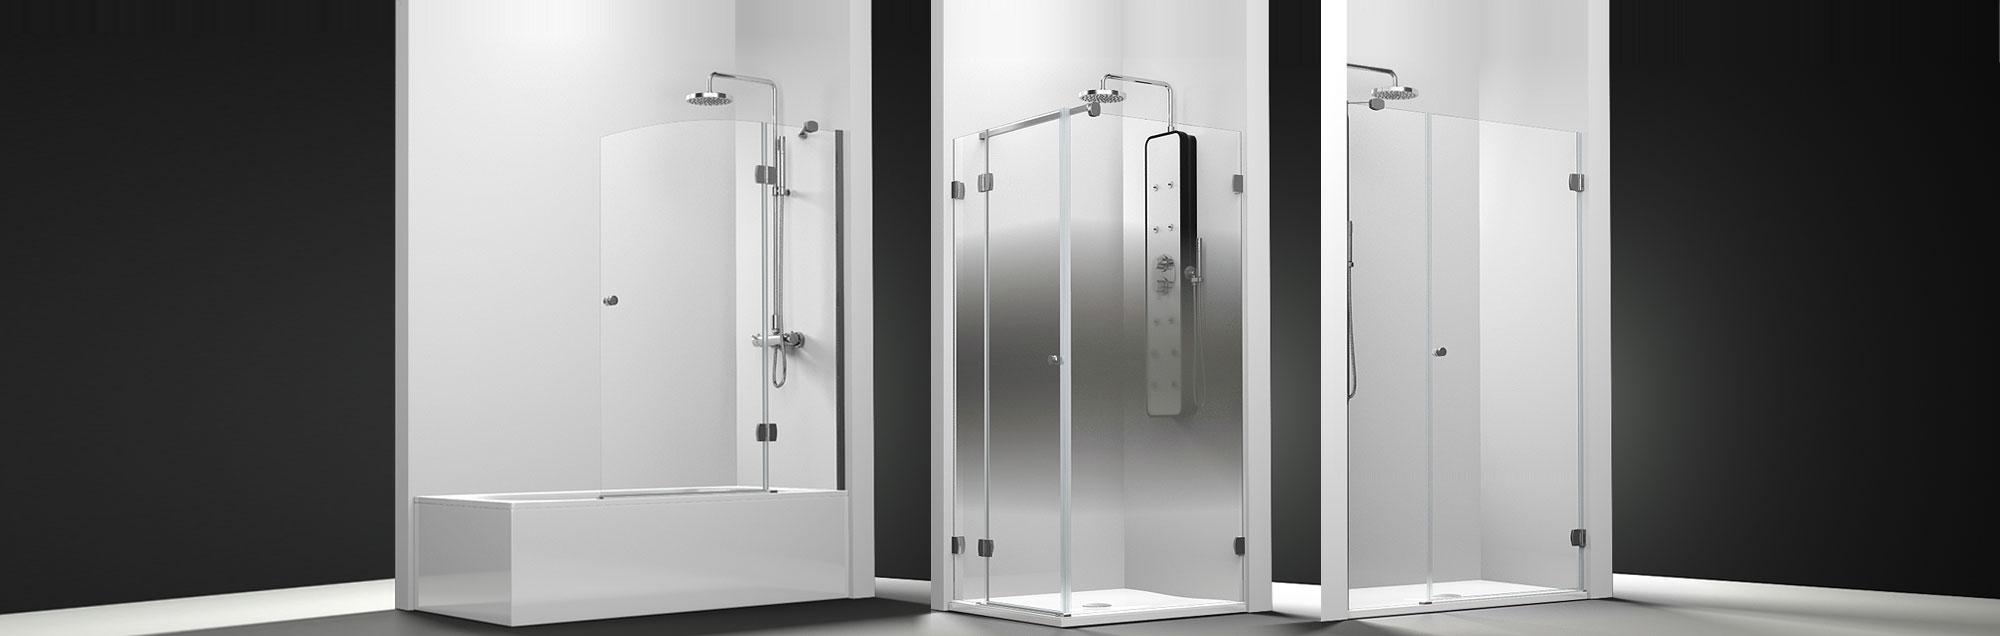 Serie Newglass - Duschabtrennungen nach Maß mit Schwingtüren